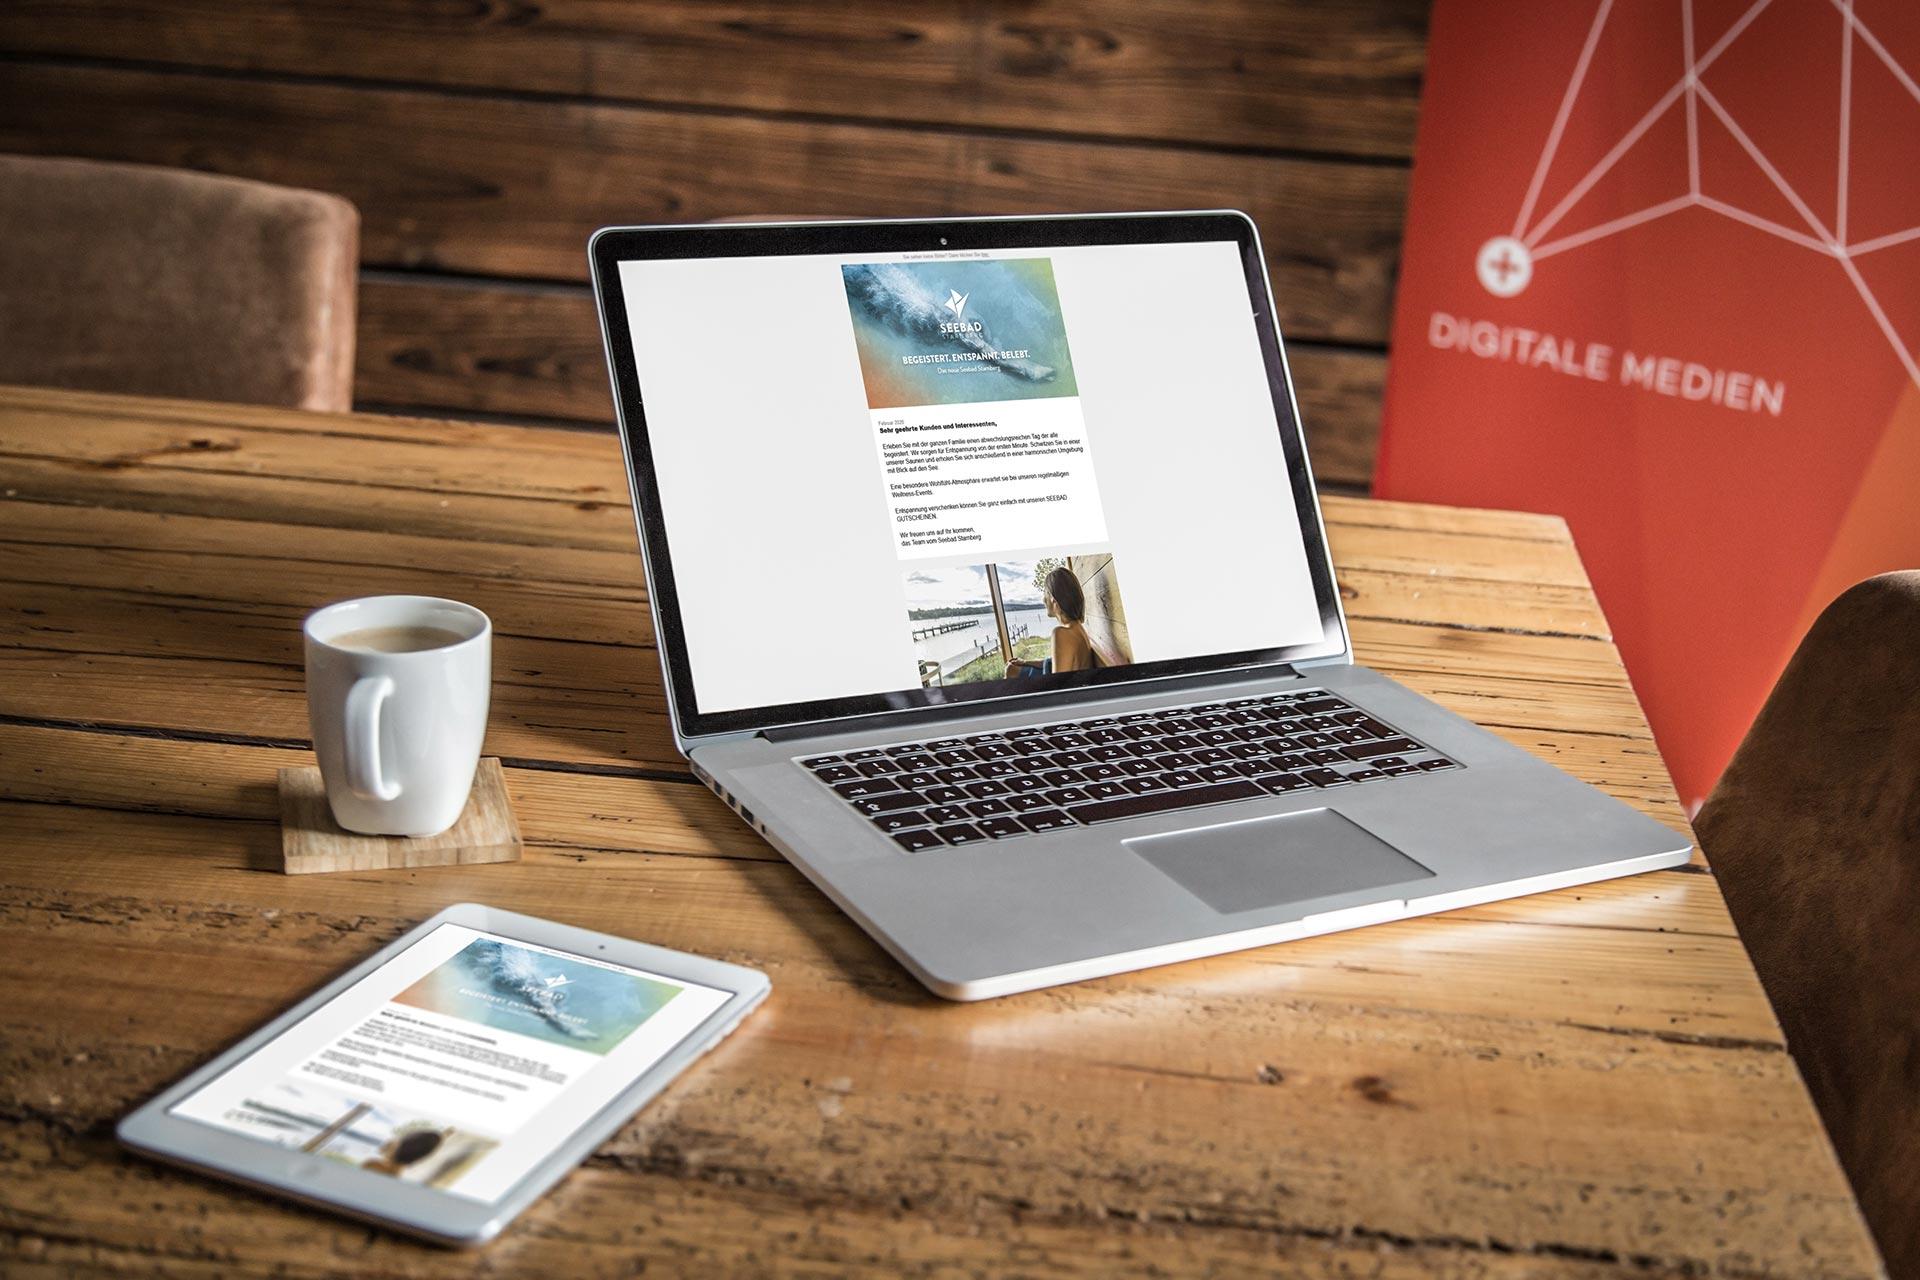 Mockup Laptop Tablet